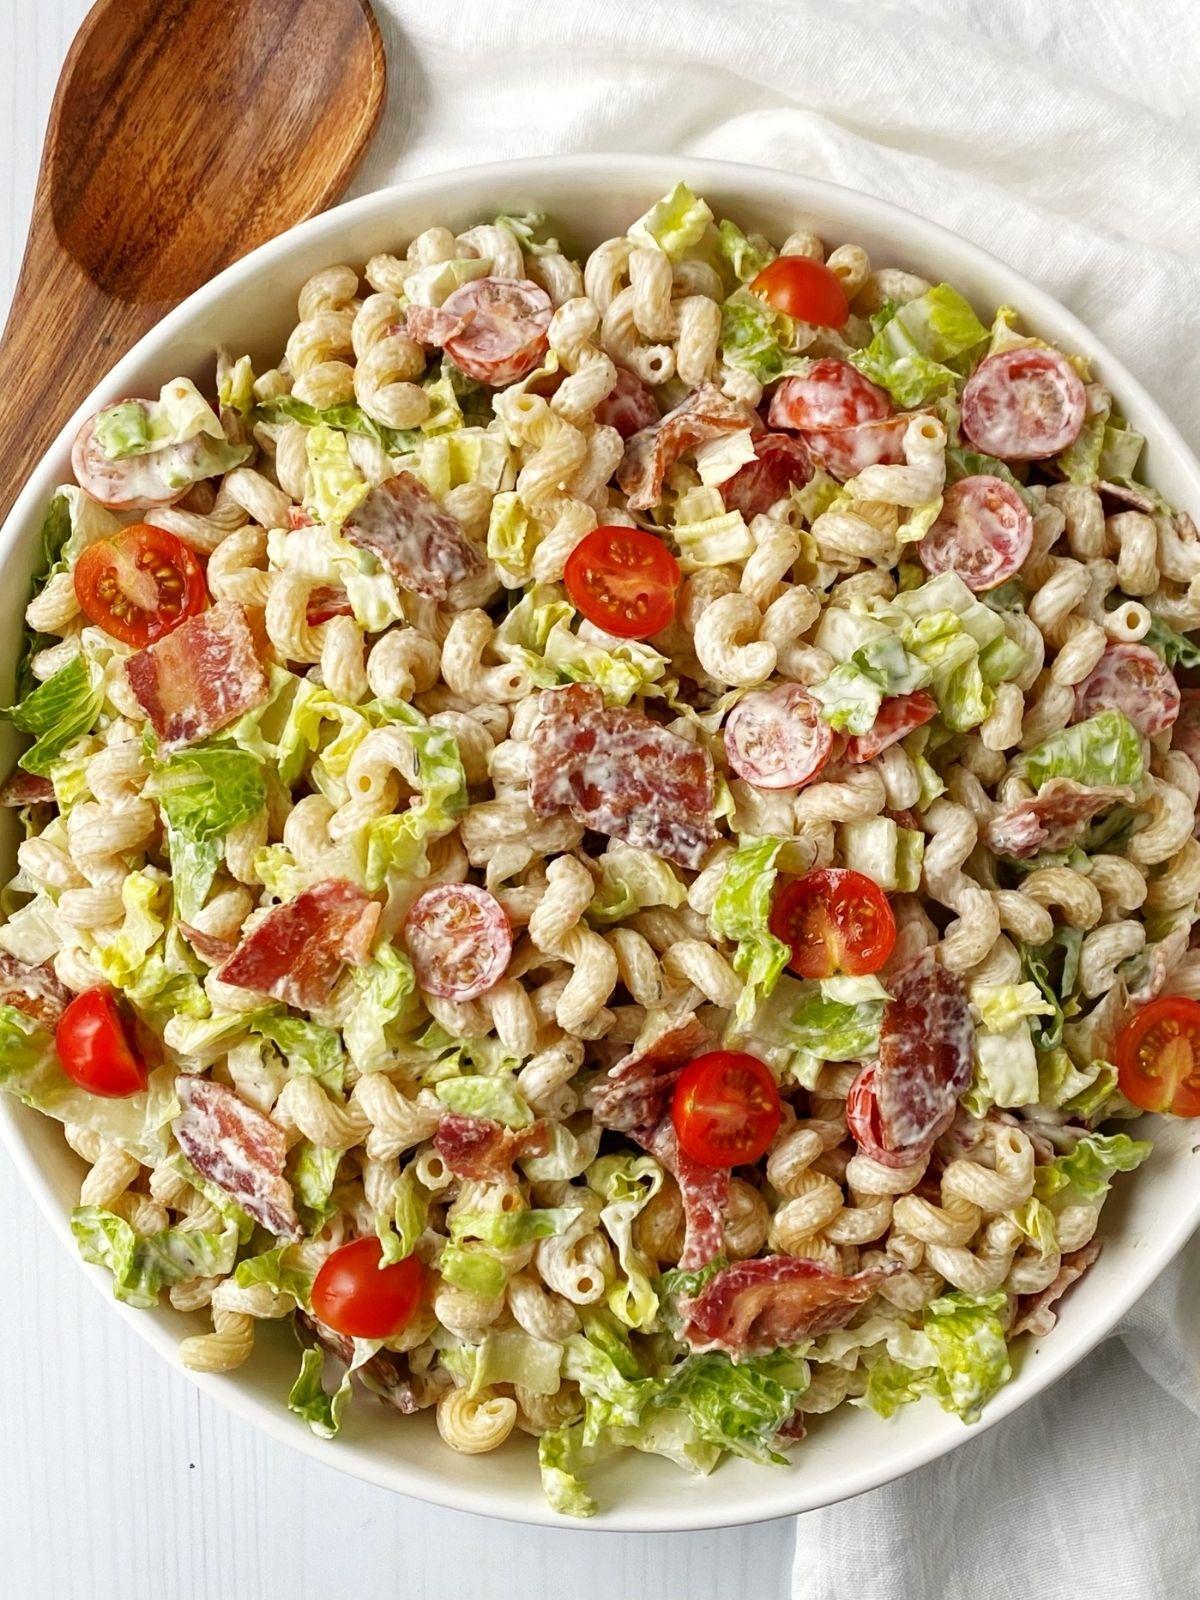 white serving bowl of pasta salad